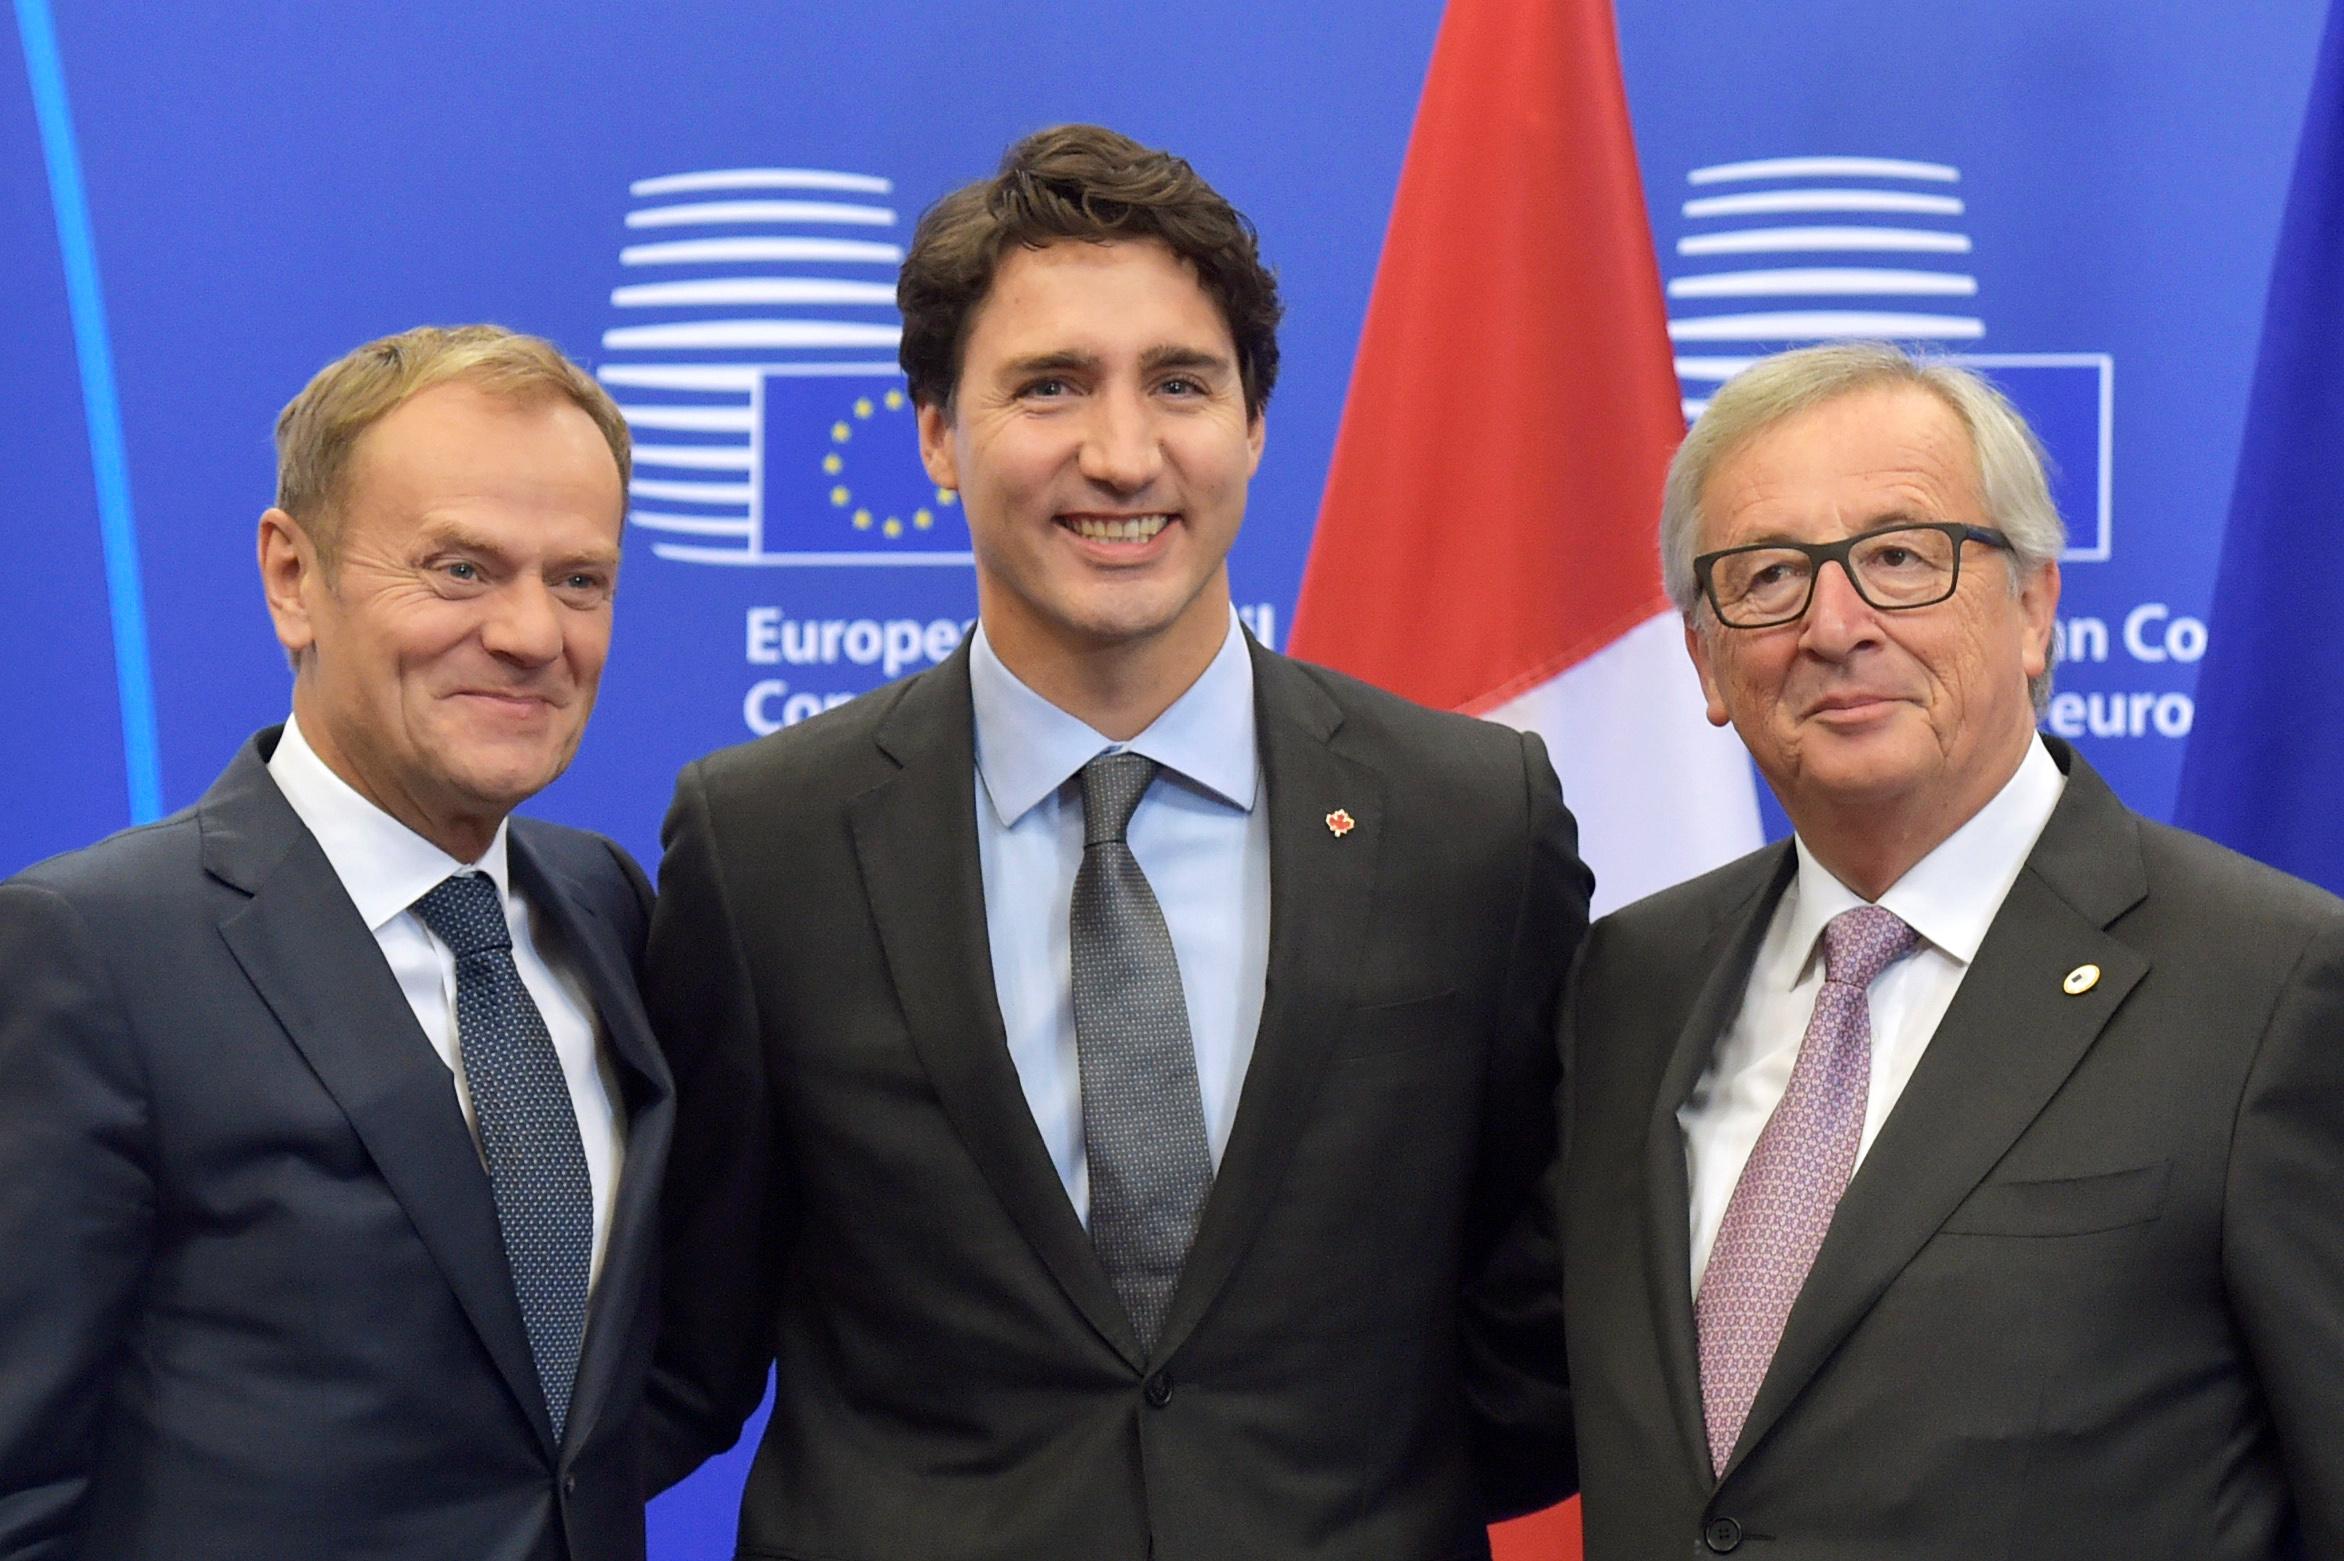 Kanadski premijer Justin Trudeau (u sredini) u drštvu predsjednika Vijeća EU Donalda Tuska (lijevo) i predsjednika Komisije Jean-Claudea Junckera (desno)